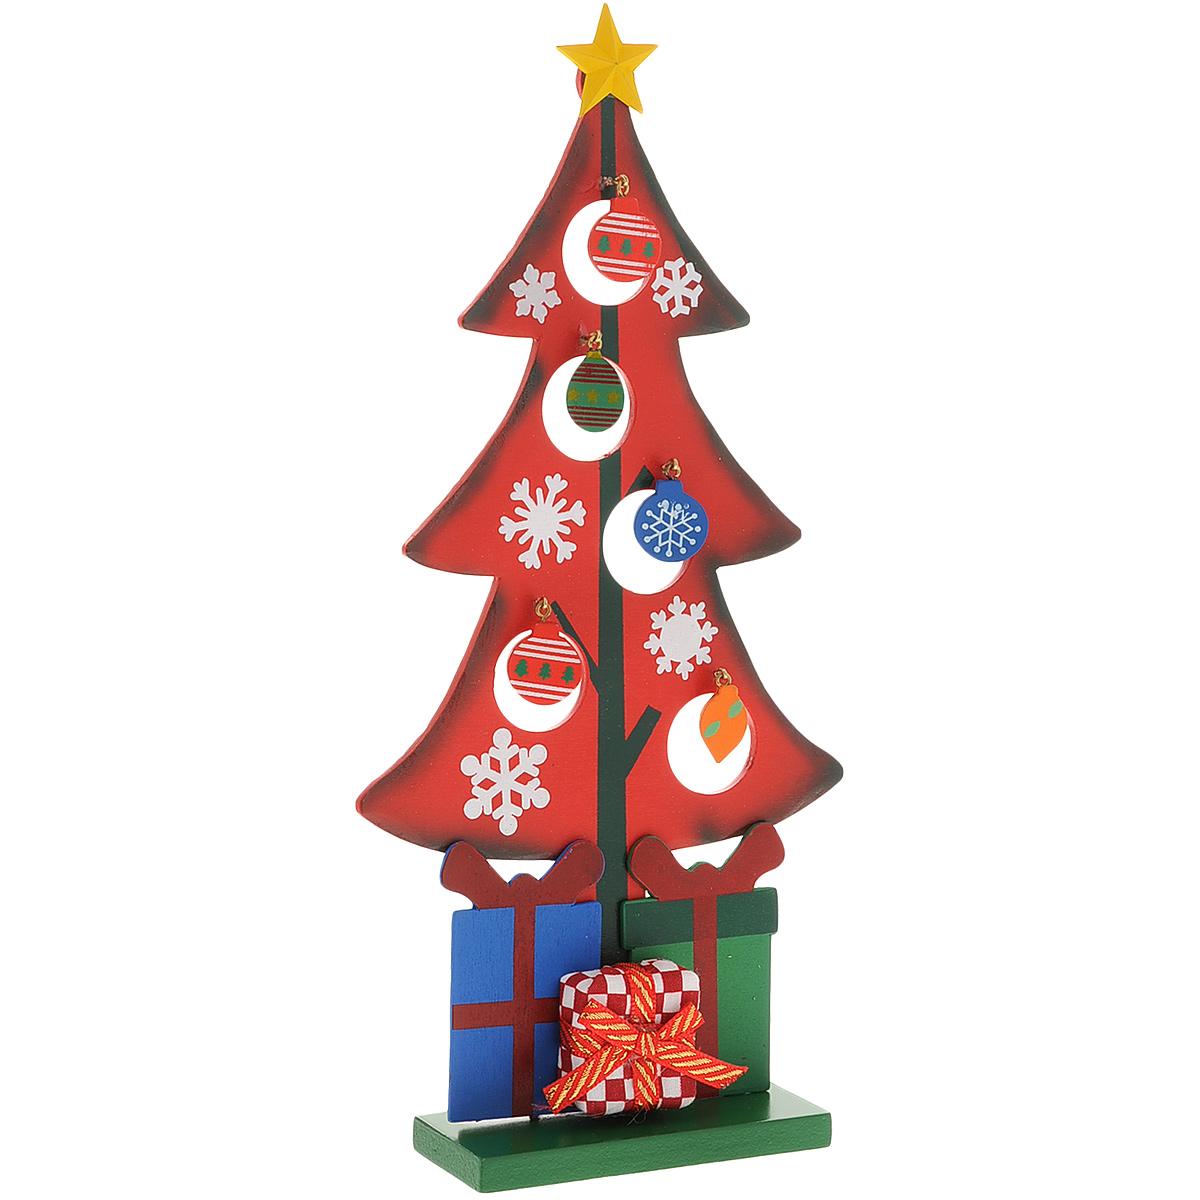 Украшение новогоднее Рождественская елочка, цвет: красный, 28 см. 3526535265Украшение Рождественская елочка, изготовленное из дерева, отлично подойдет для декорации вашего дома. Украшение выполнено в виде ели на прямоугольной подставке. Елка украшена снежинками, подарками, новогодними игрушками на металлических крючках и верхушкой-звездой. Новогодние украшения всегда несут в себе волшебство и красоту праздника. Создайте в своем доме атмосферу тепла, веселья и радости, украшая его всей семьей.